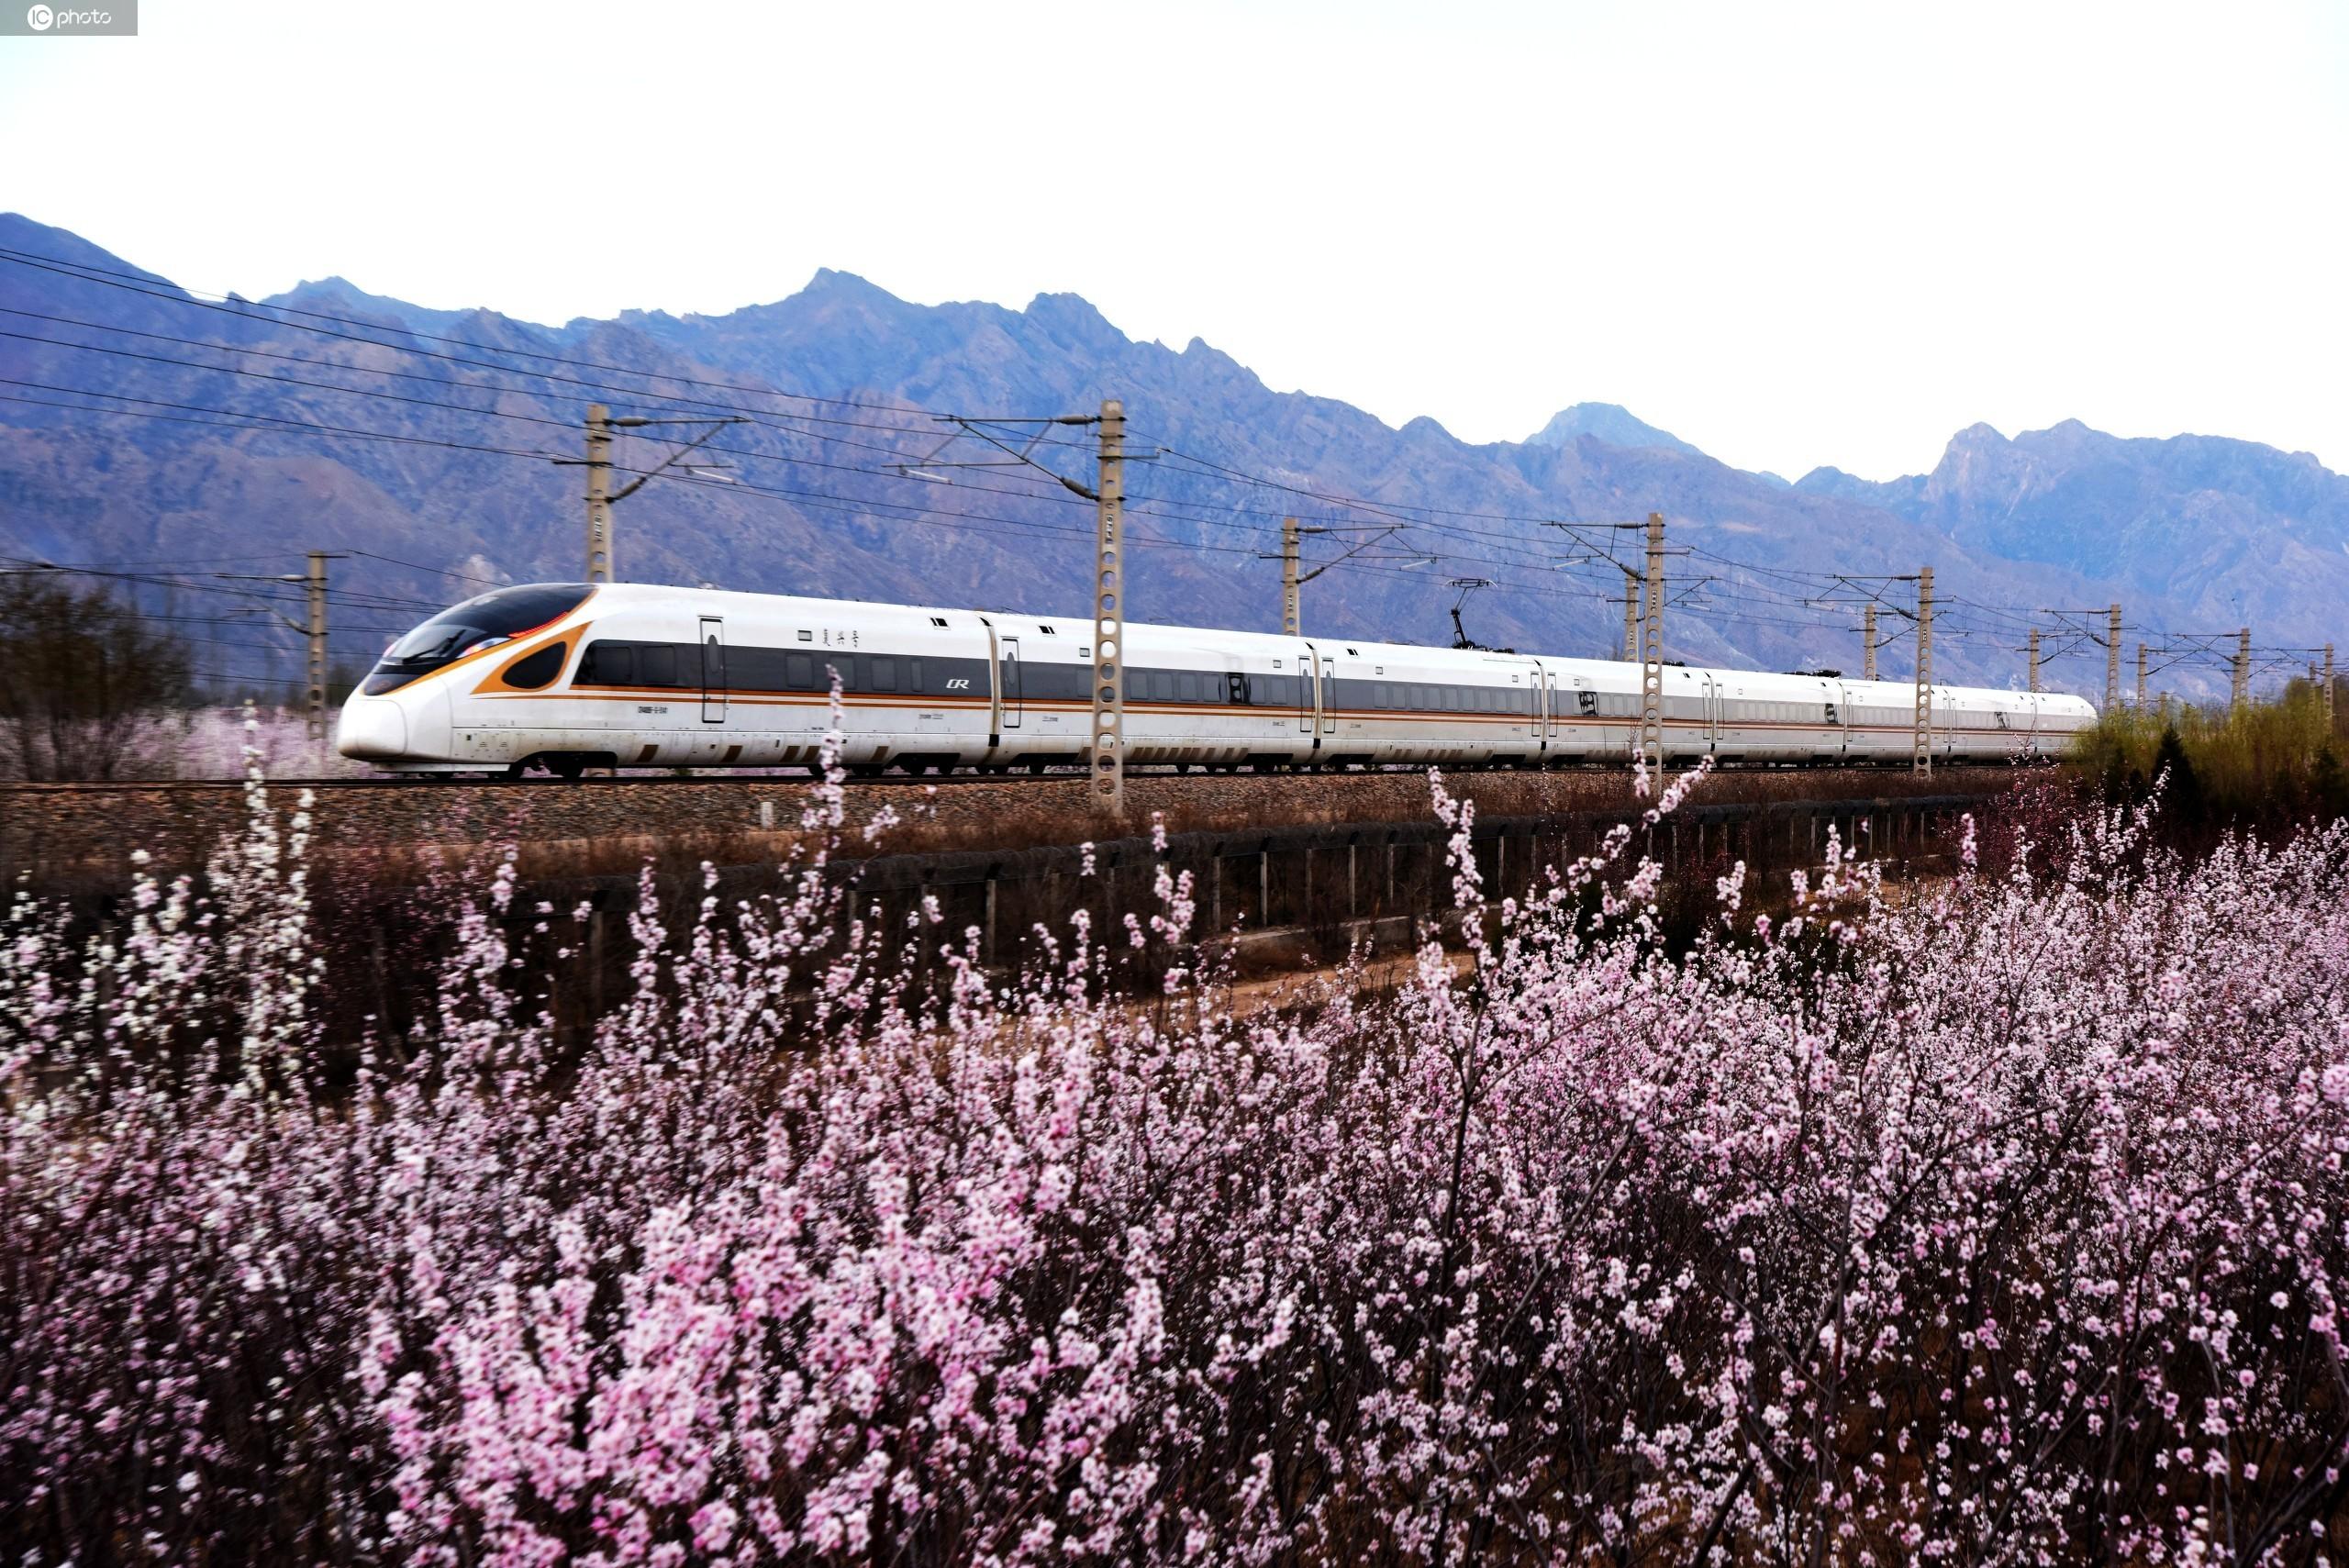 京呼高铁复兴号列车飞越花海美景如画 春意盎然